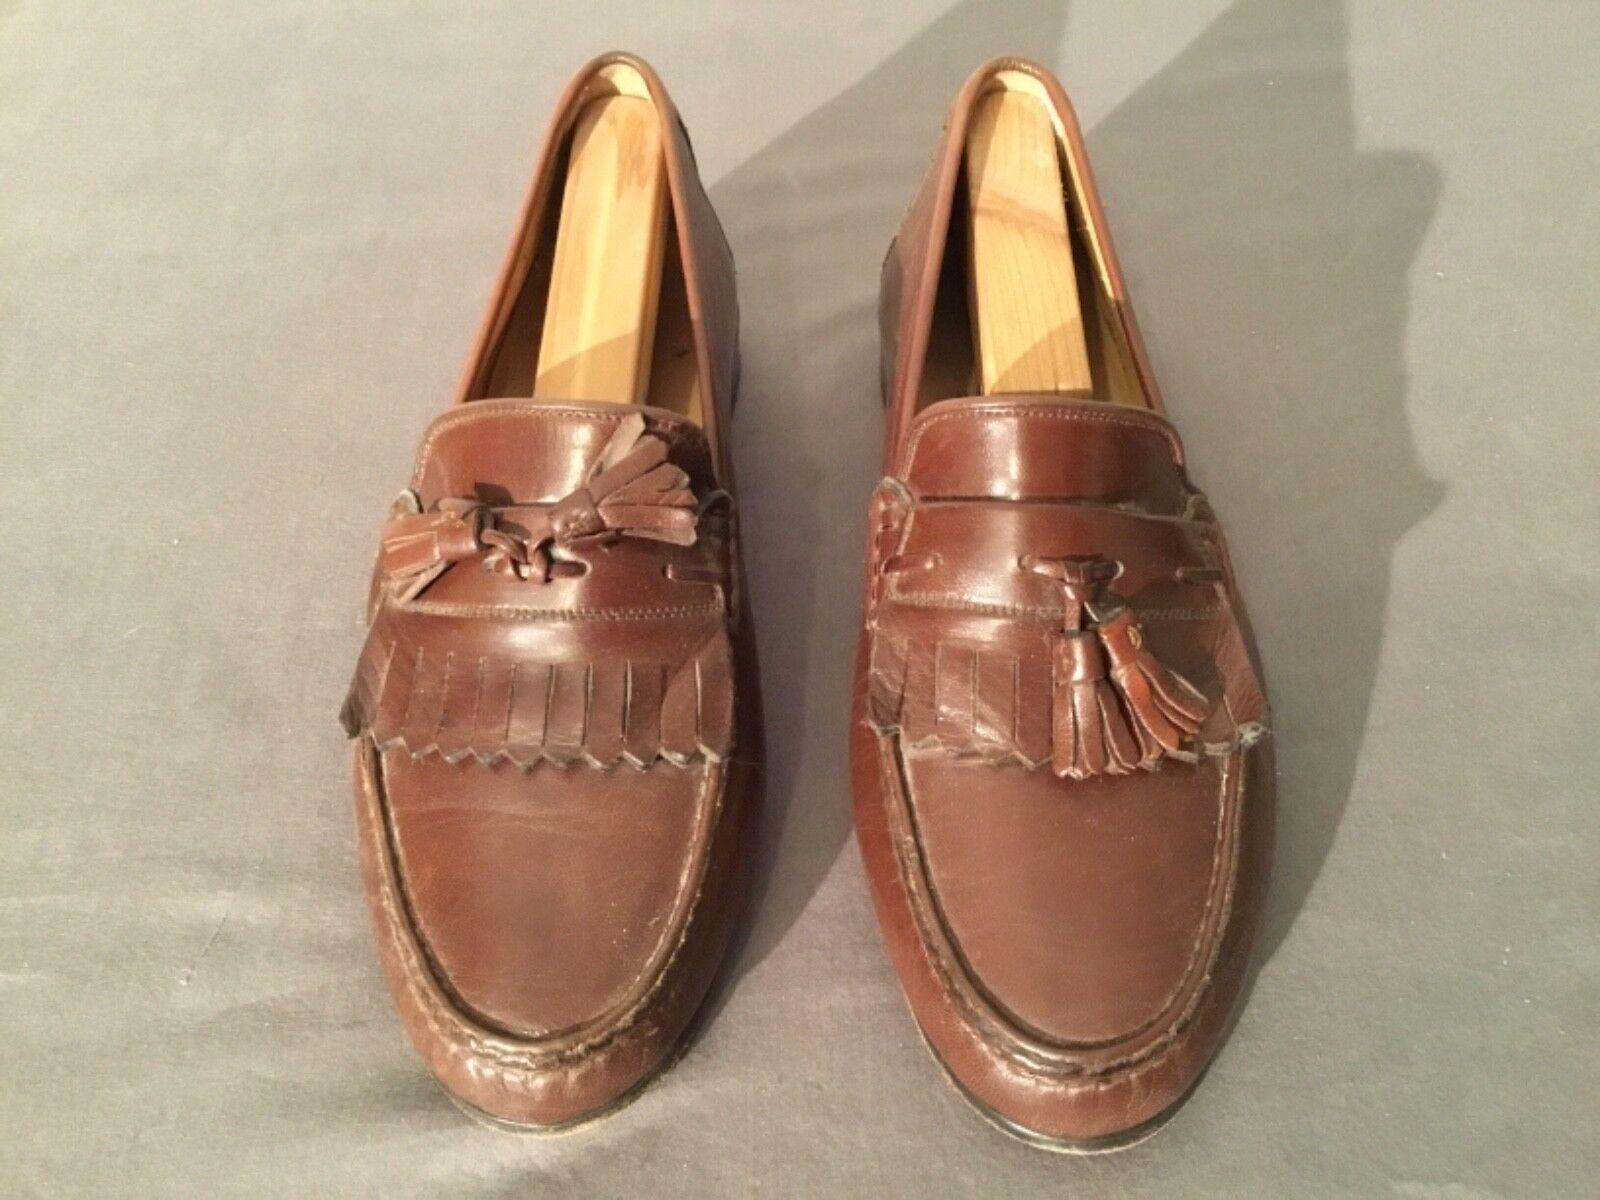 Mens Größe 9 1 1 1 2 Bruno Magli braun Leather Dress schuhe Medium Wide Made In  a2baed